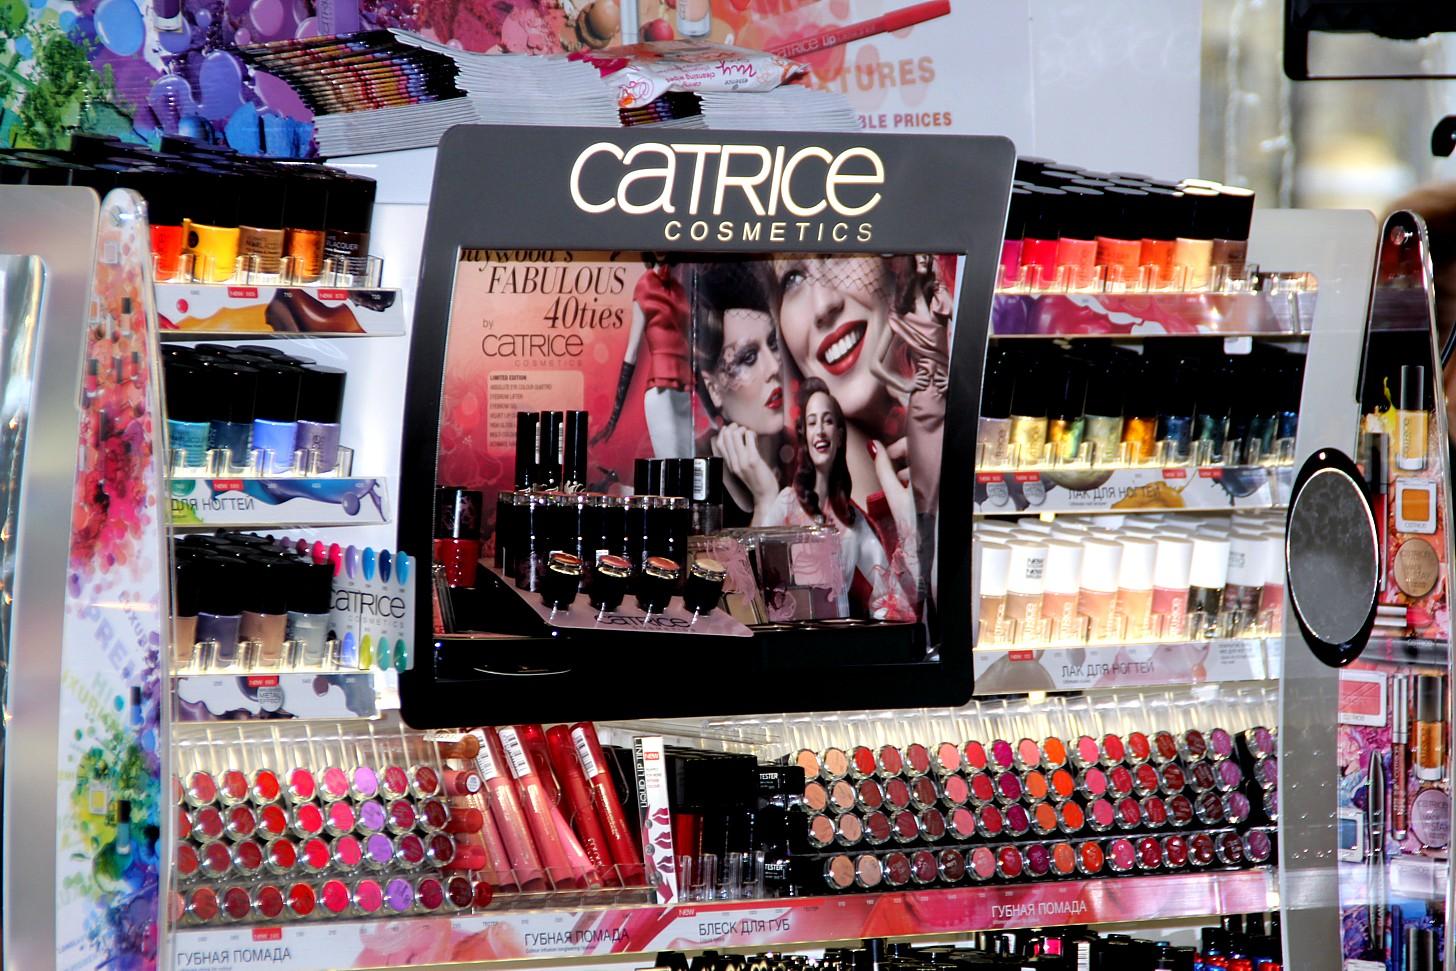 Купить косметику катрис в интернет магазине оптом косметика avon официальный сайт каталог